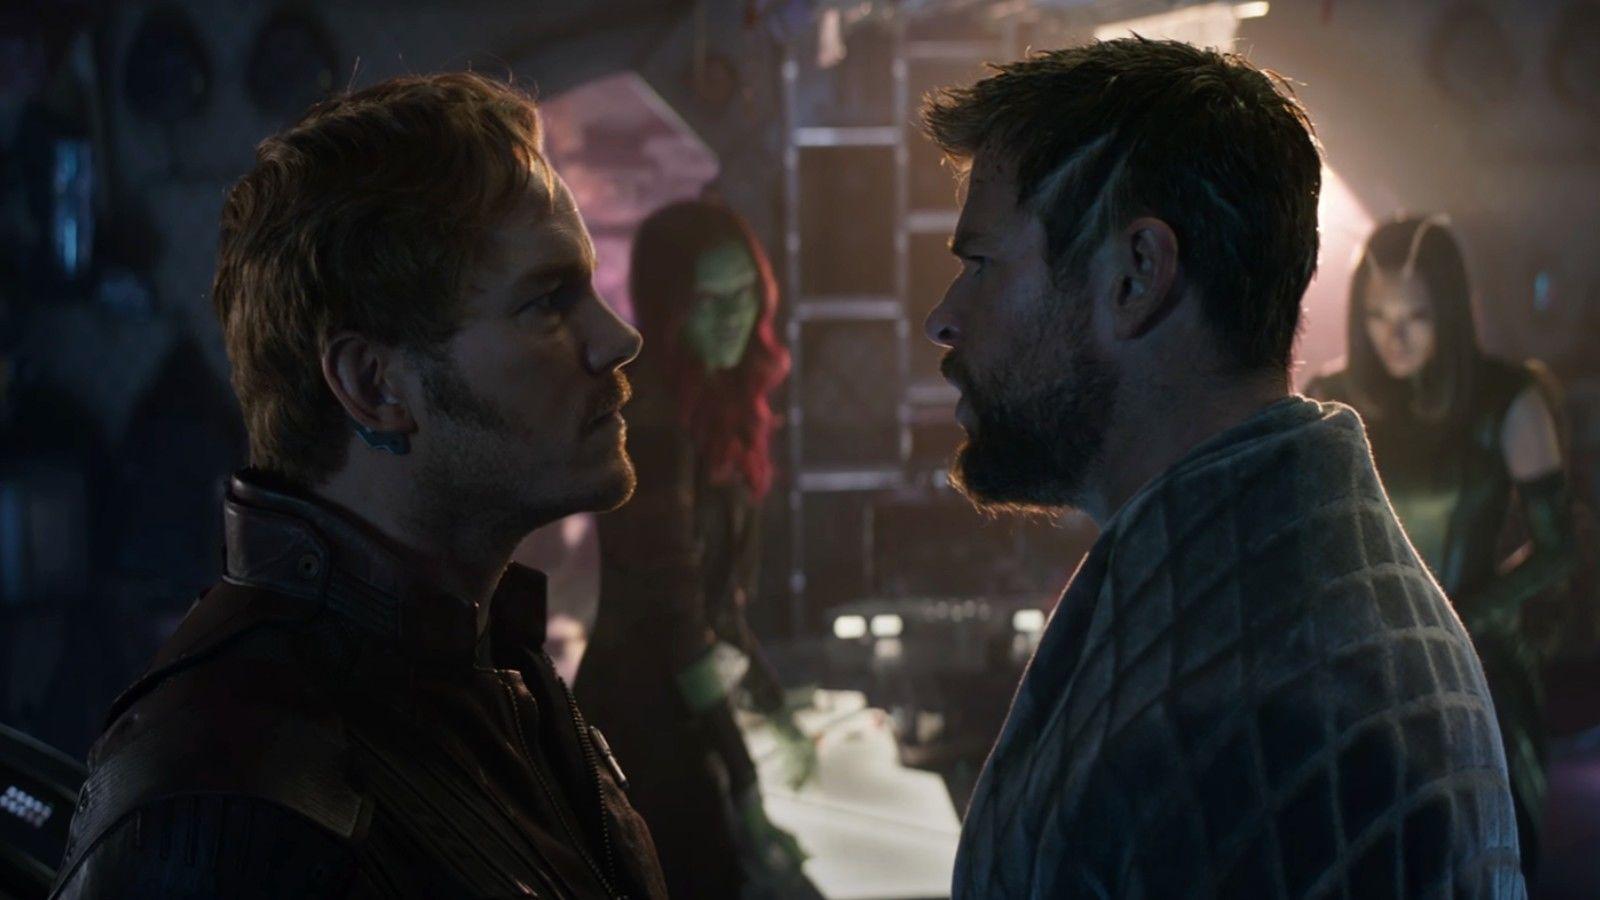 Le duo Chris Pratt / Chris Hemsworth déchaîne les passions